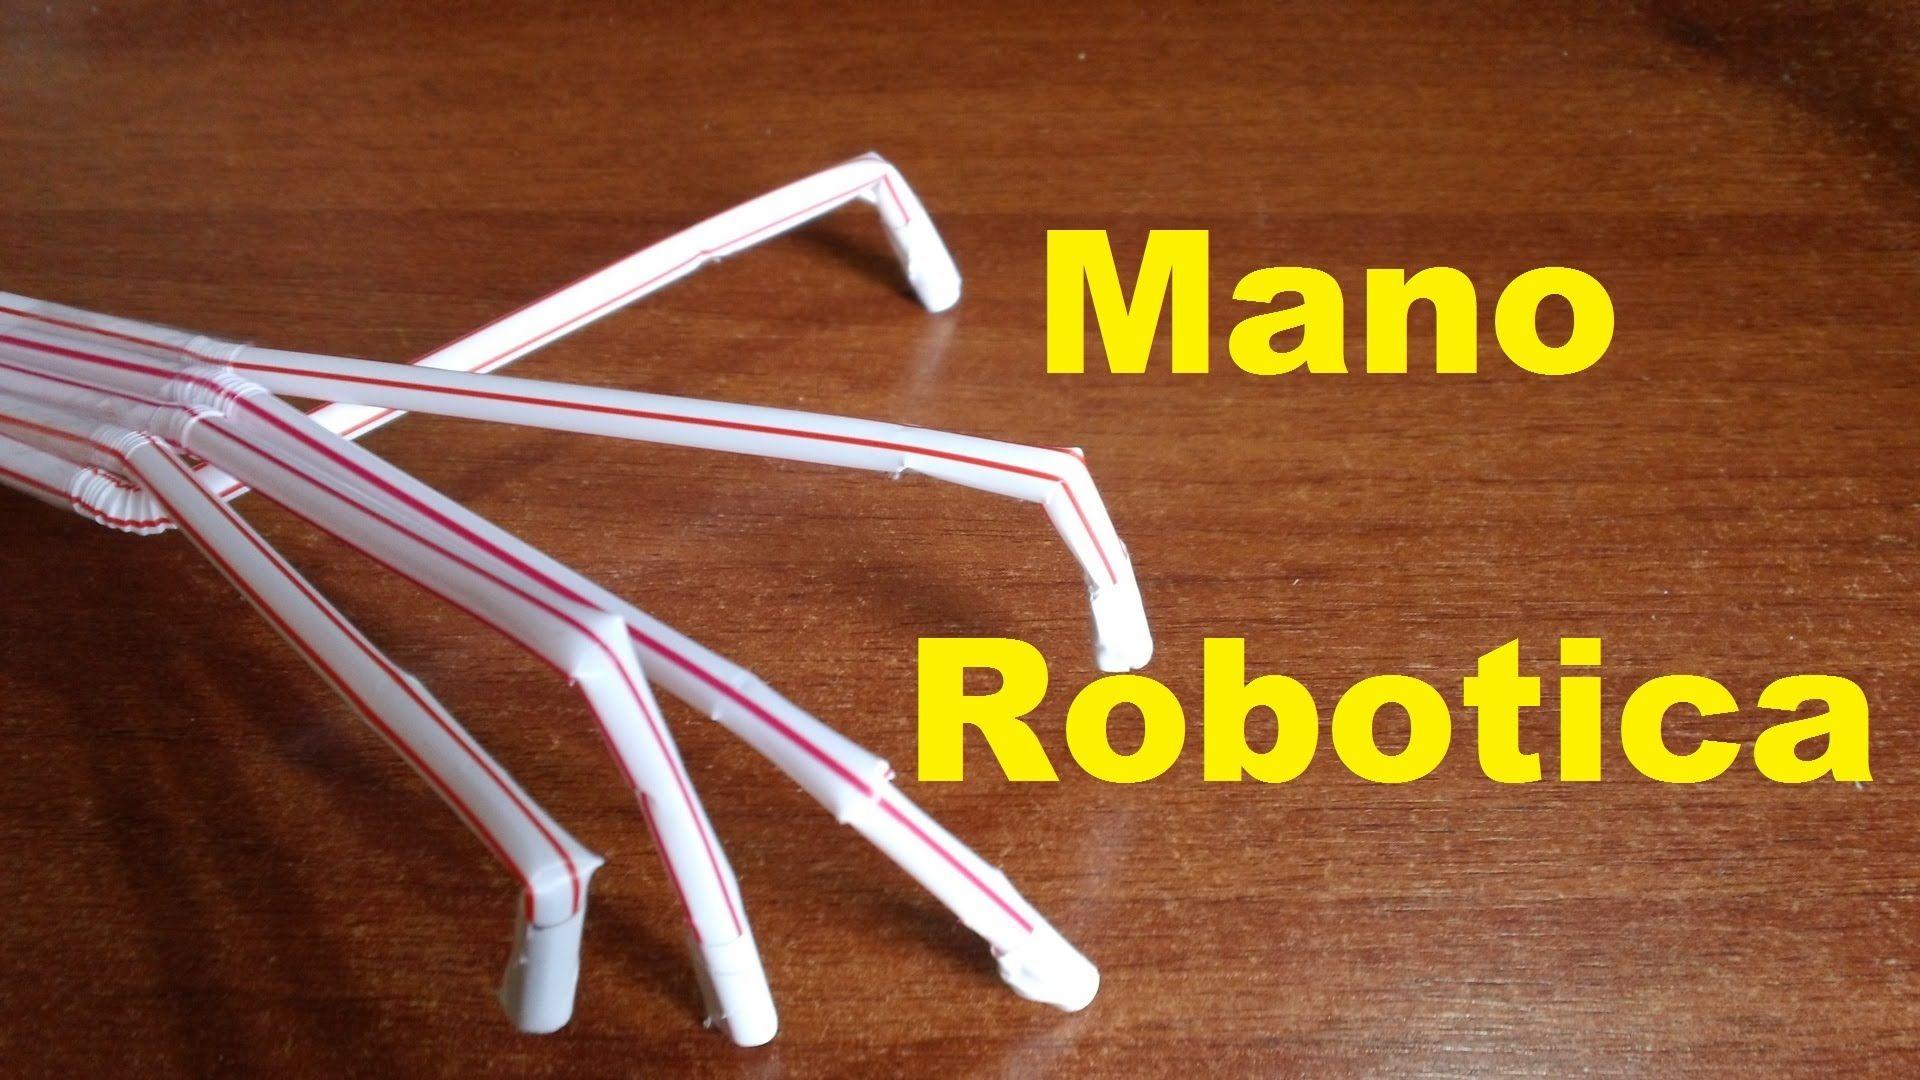 Como se hace una mano robotica casera paso a paso facil de hacer ...